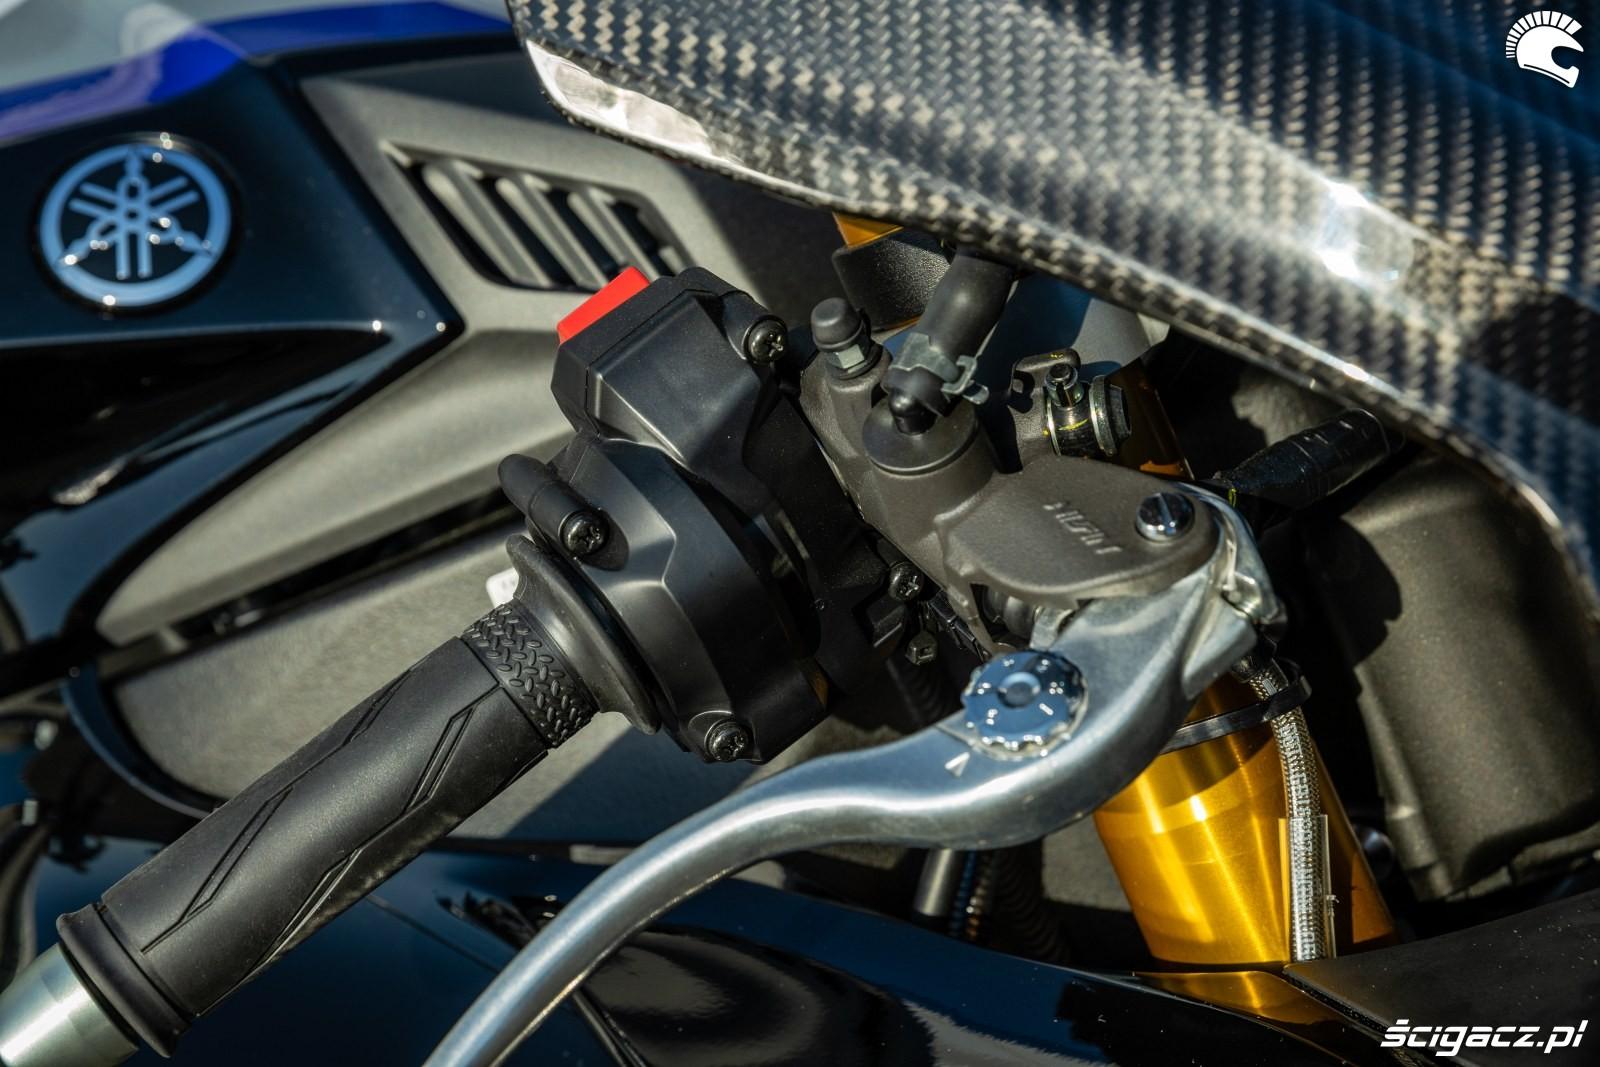 Yamaha R1 M 2020 detale 12